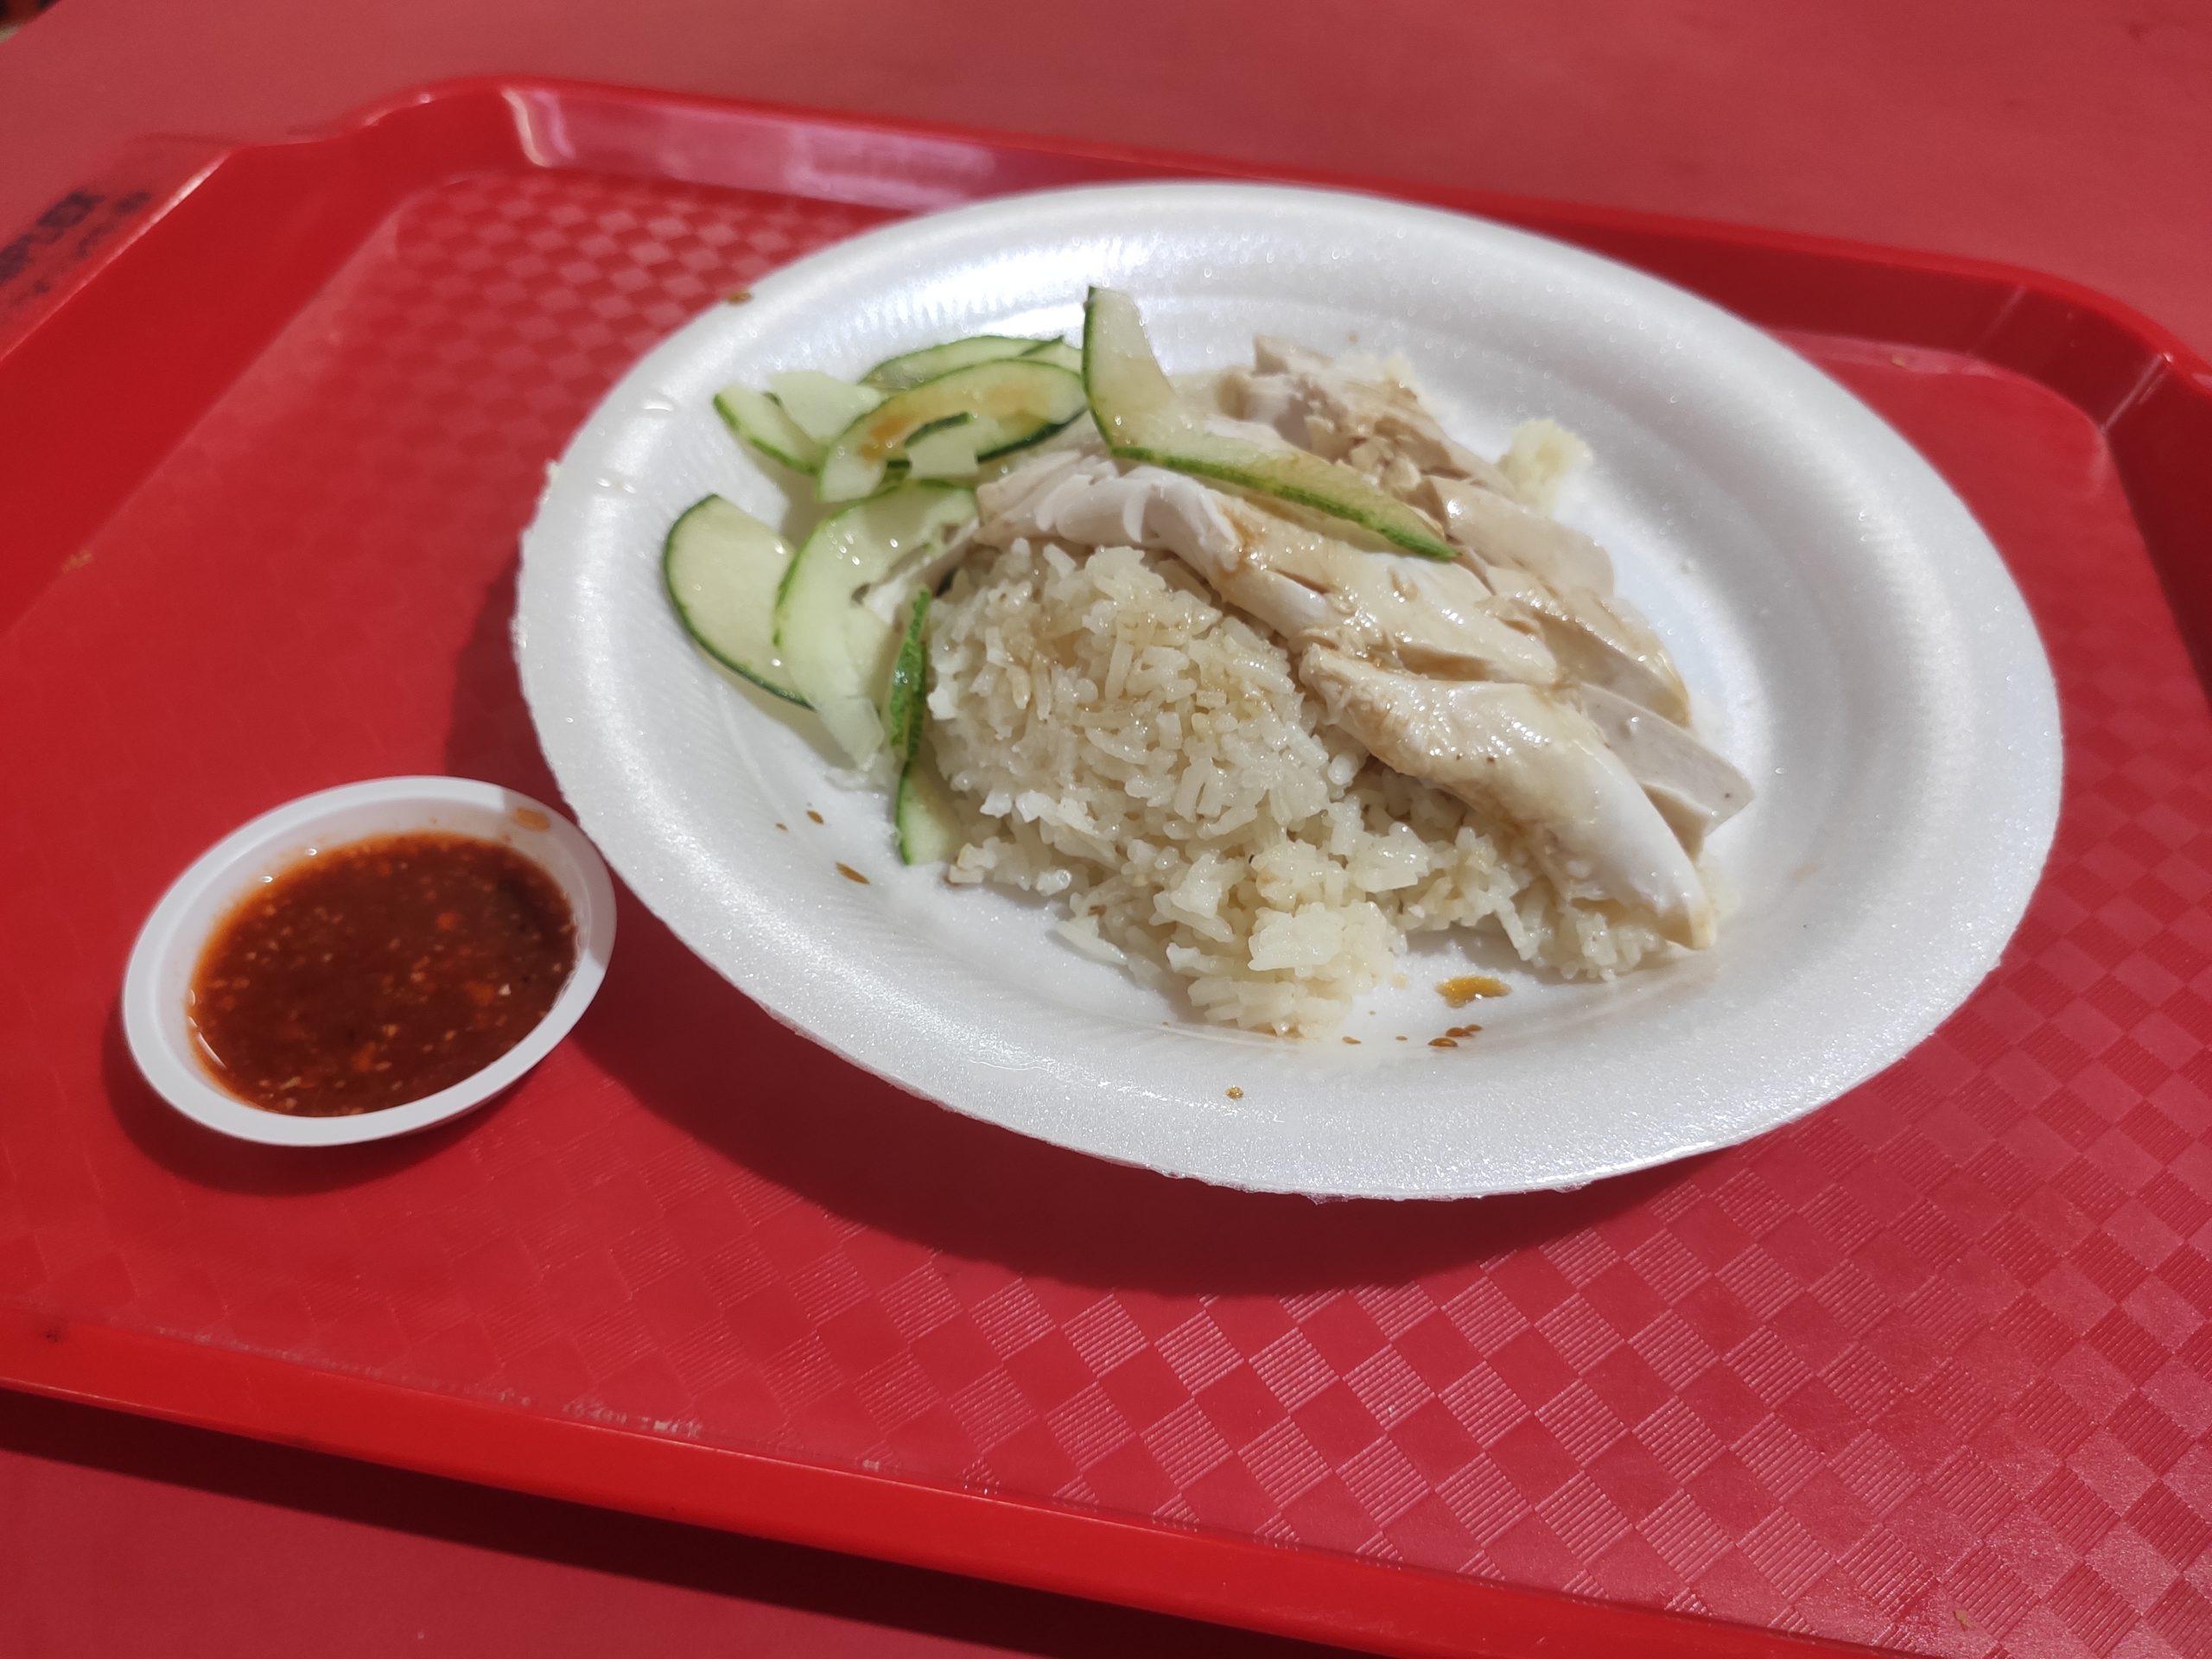 Heng Ji Chicken Rice: Hainanese Chicken Rice with Chilli